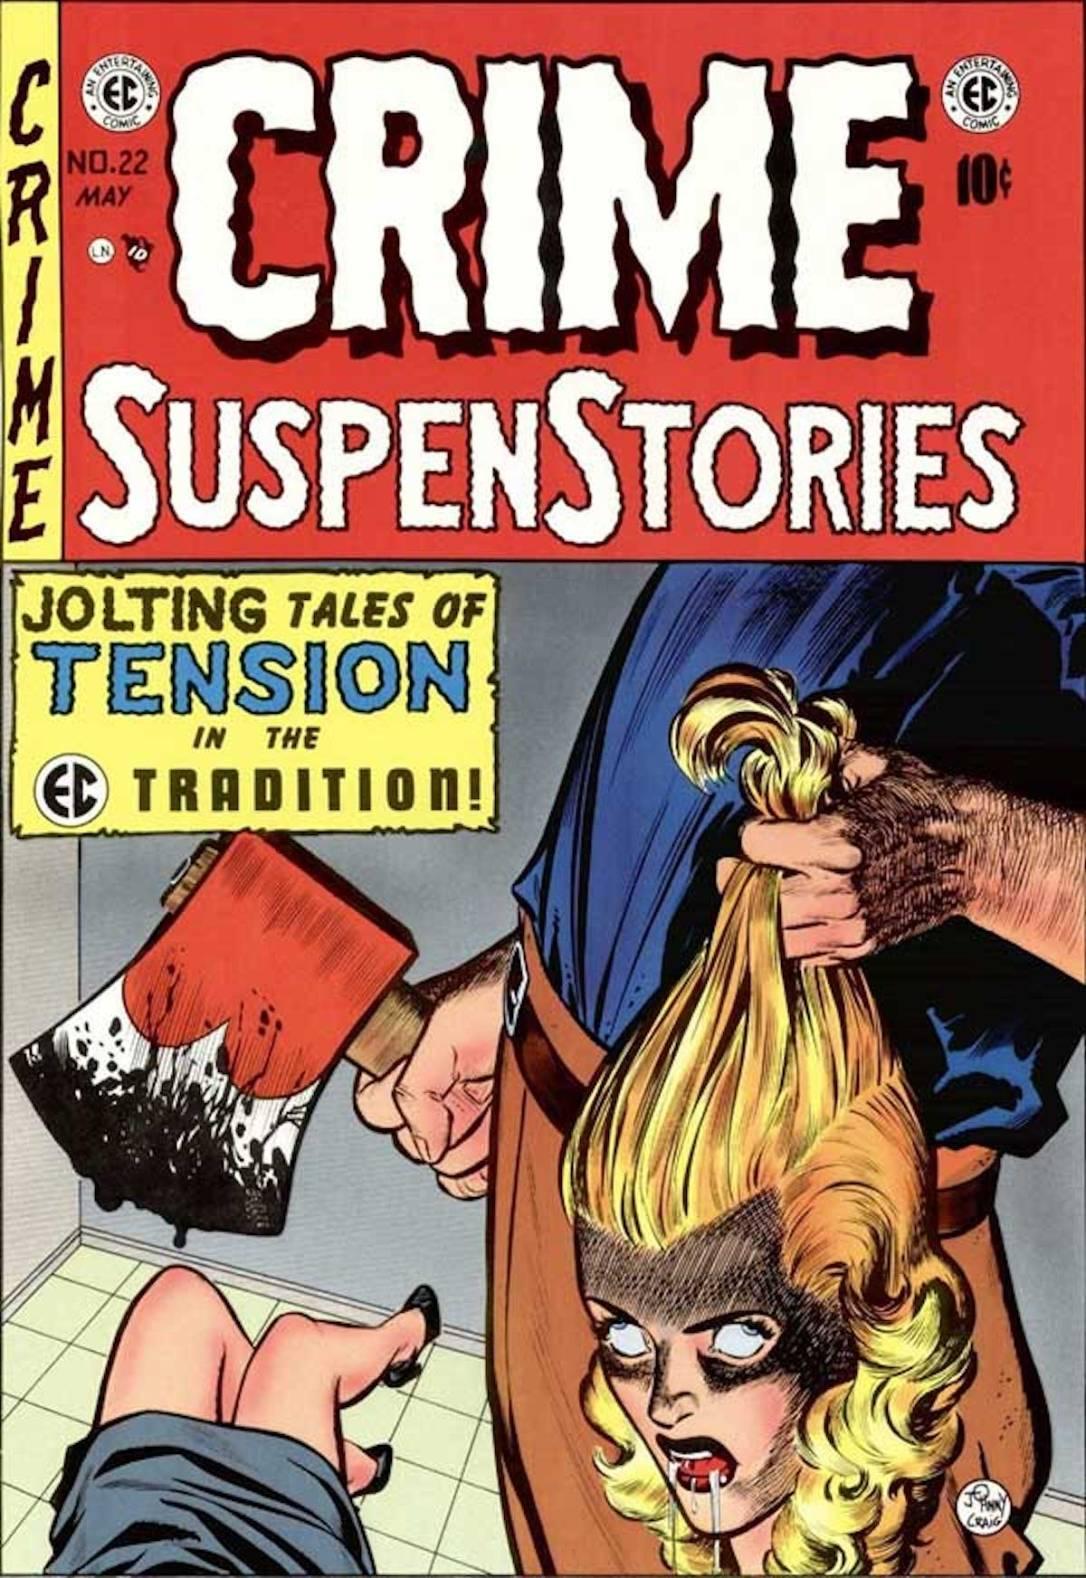 ec comics 17